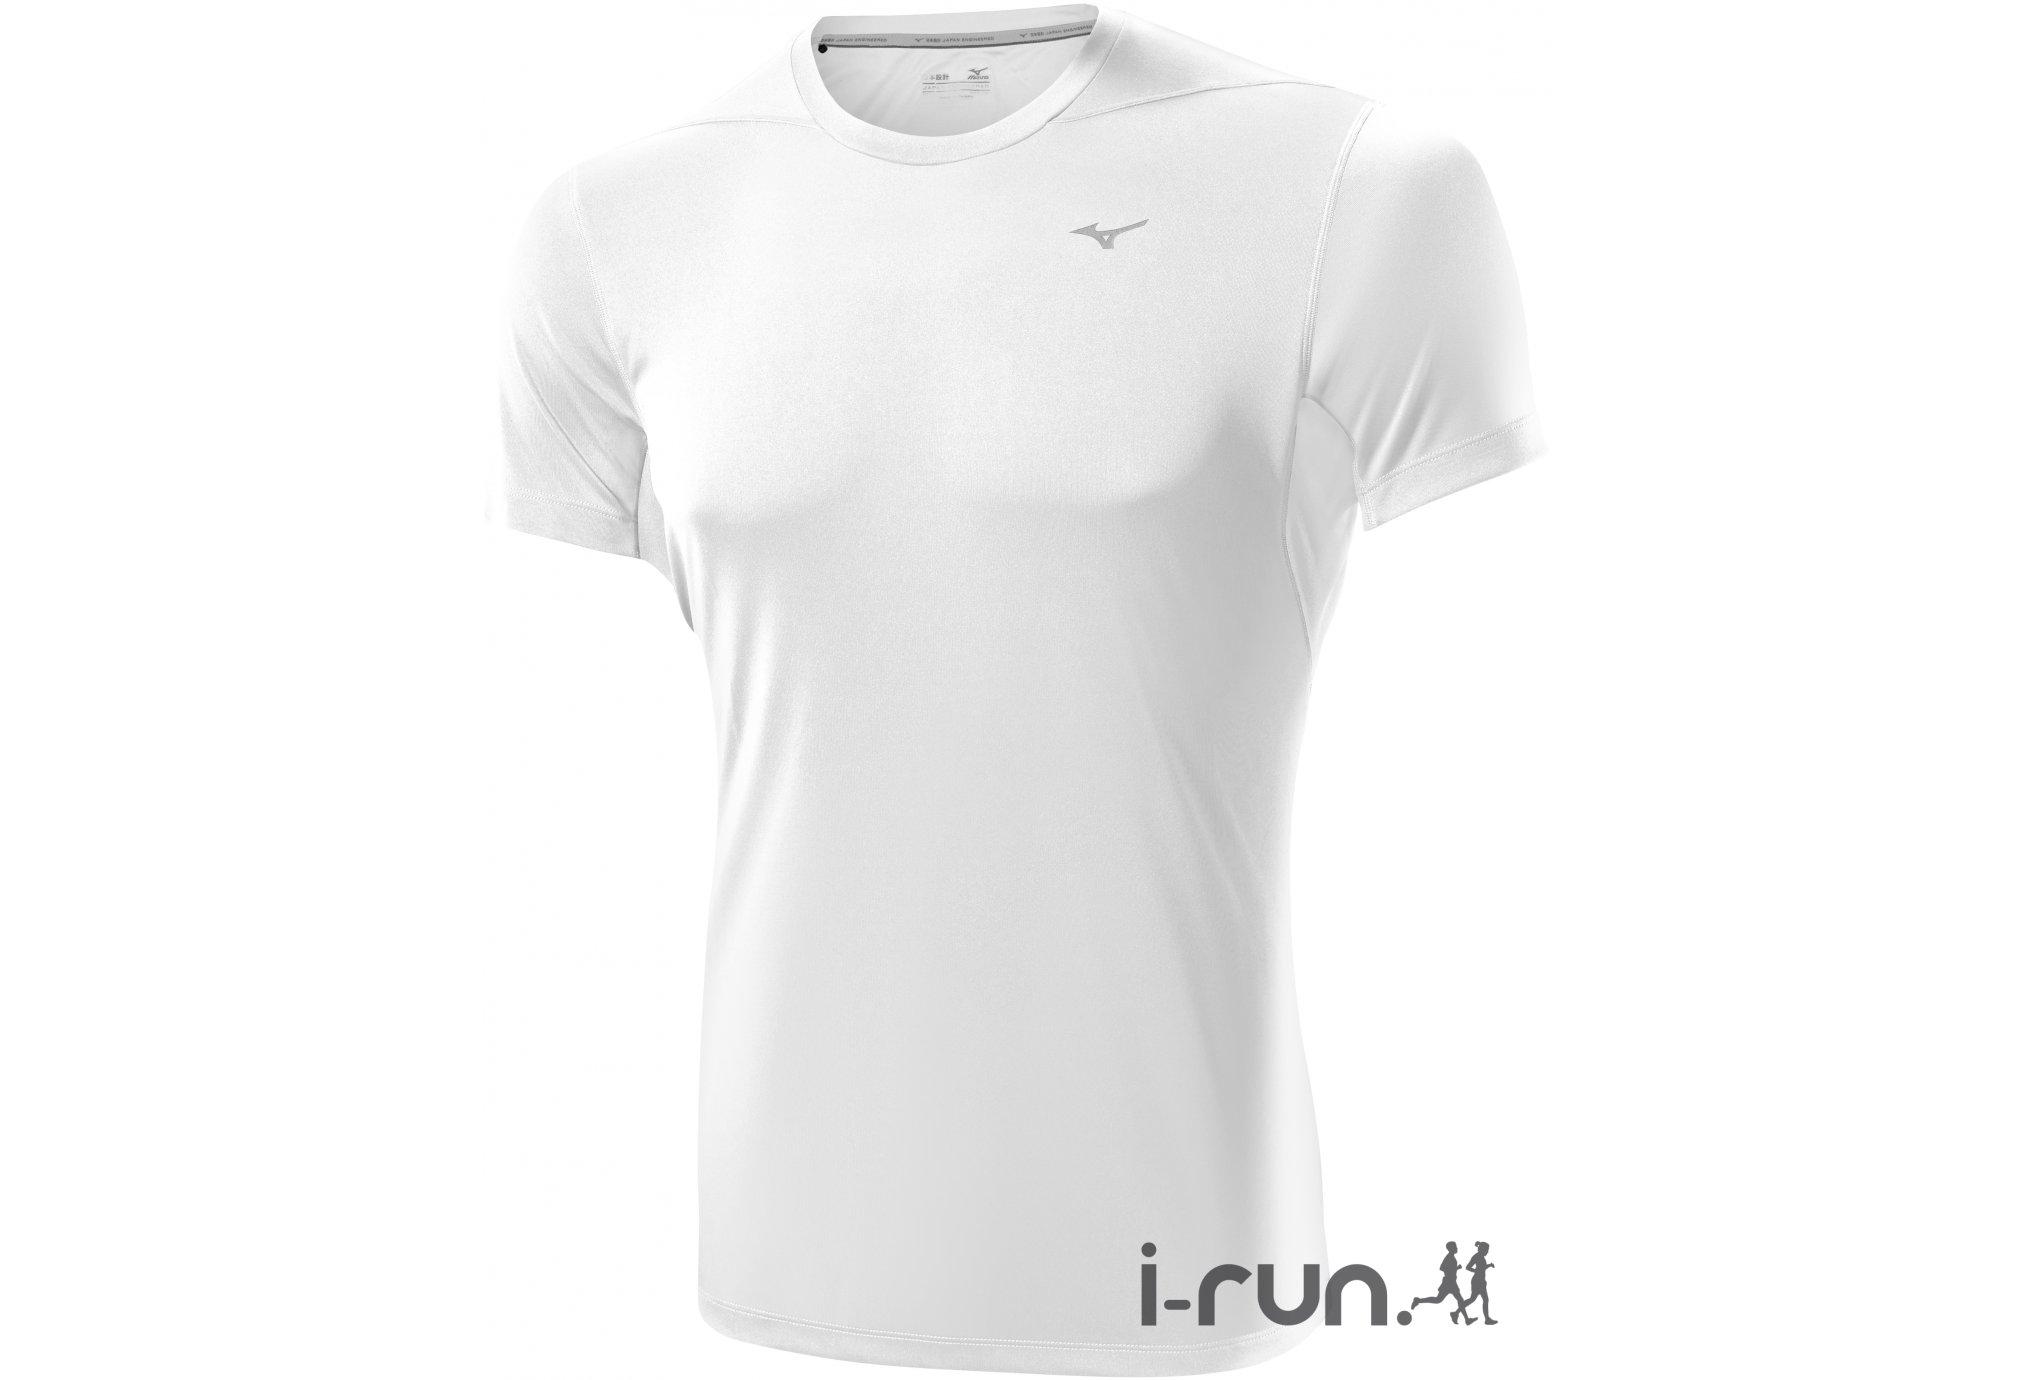 Mizuno Tee-shirt DryLite Core M vêtement running homme